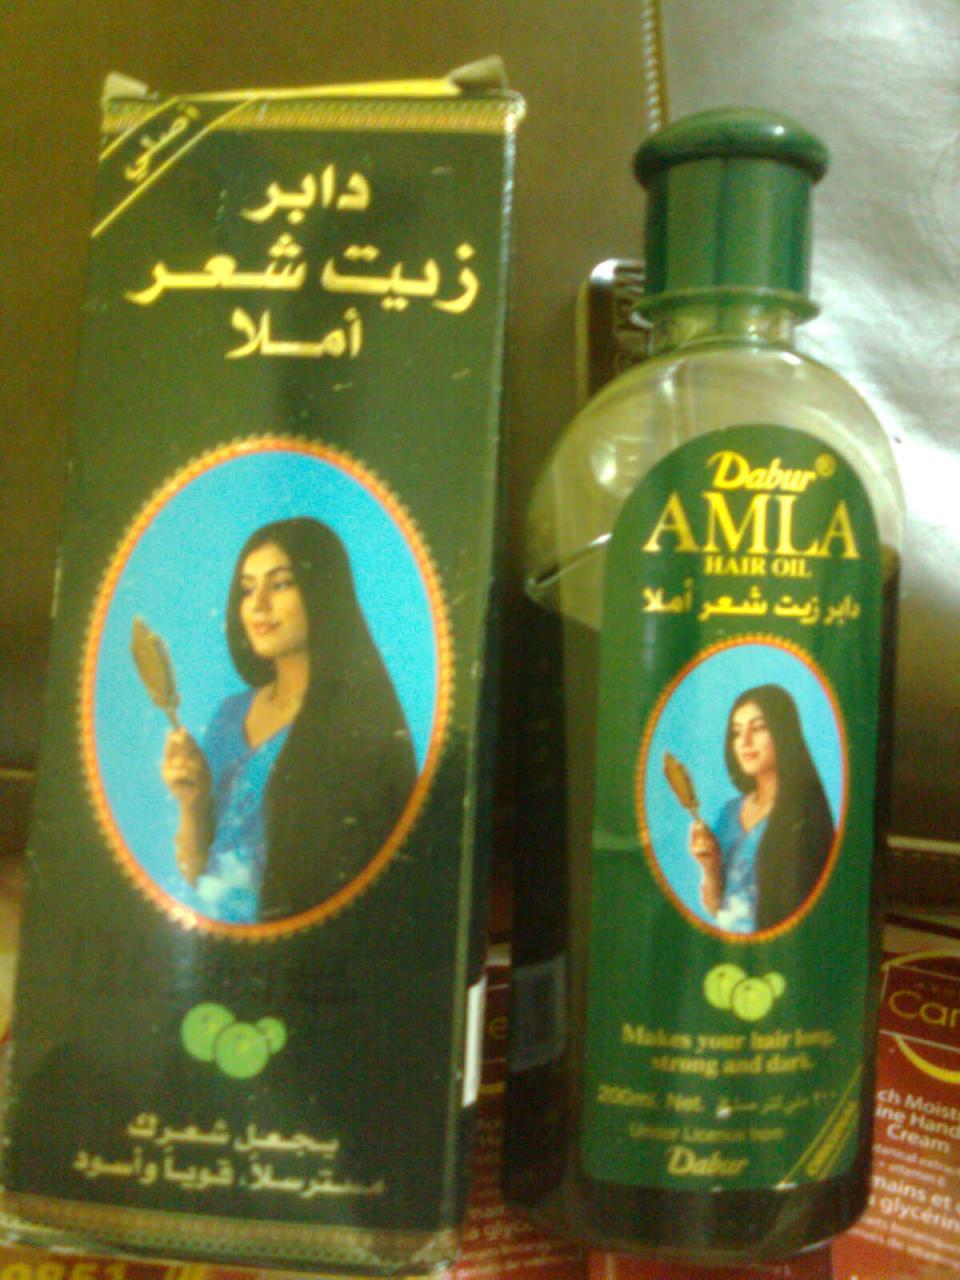 صورة زيت دابر املا بالياسمين يطول الشعر , هل ترغي بتكثيف وتطويل الشعر